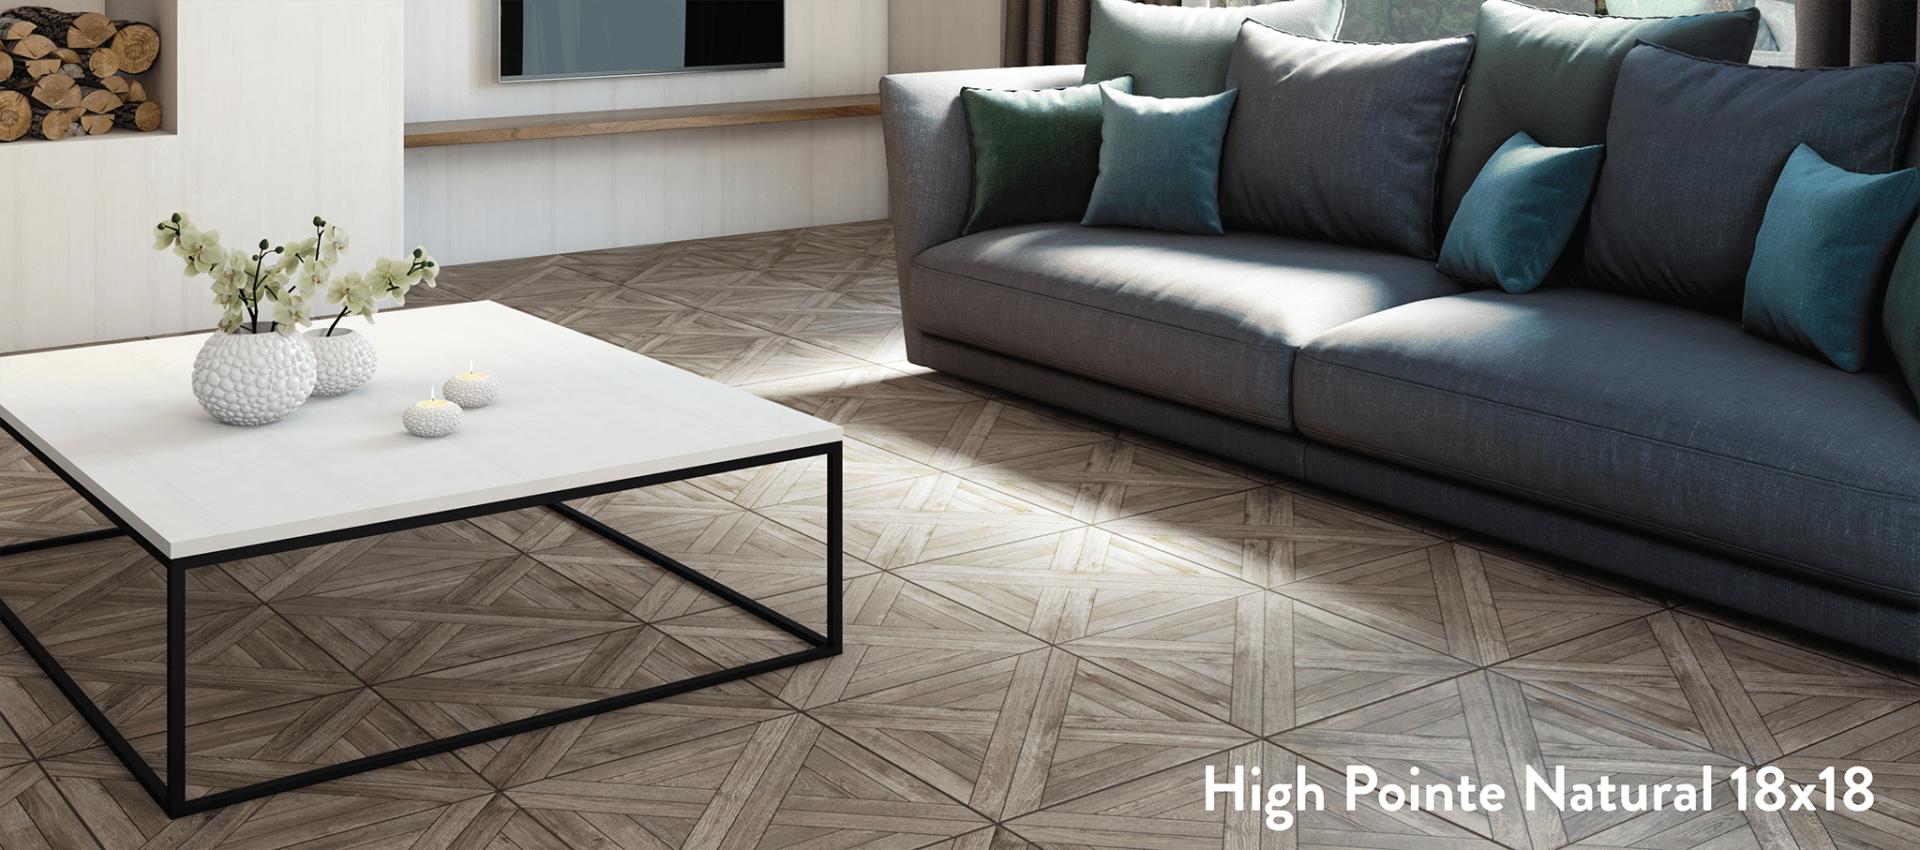 american olean high pointe 8 pack brown 18 in x 18 in matte porcelain wood look floor and wall tile